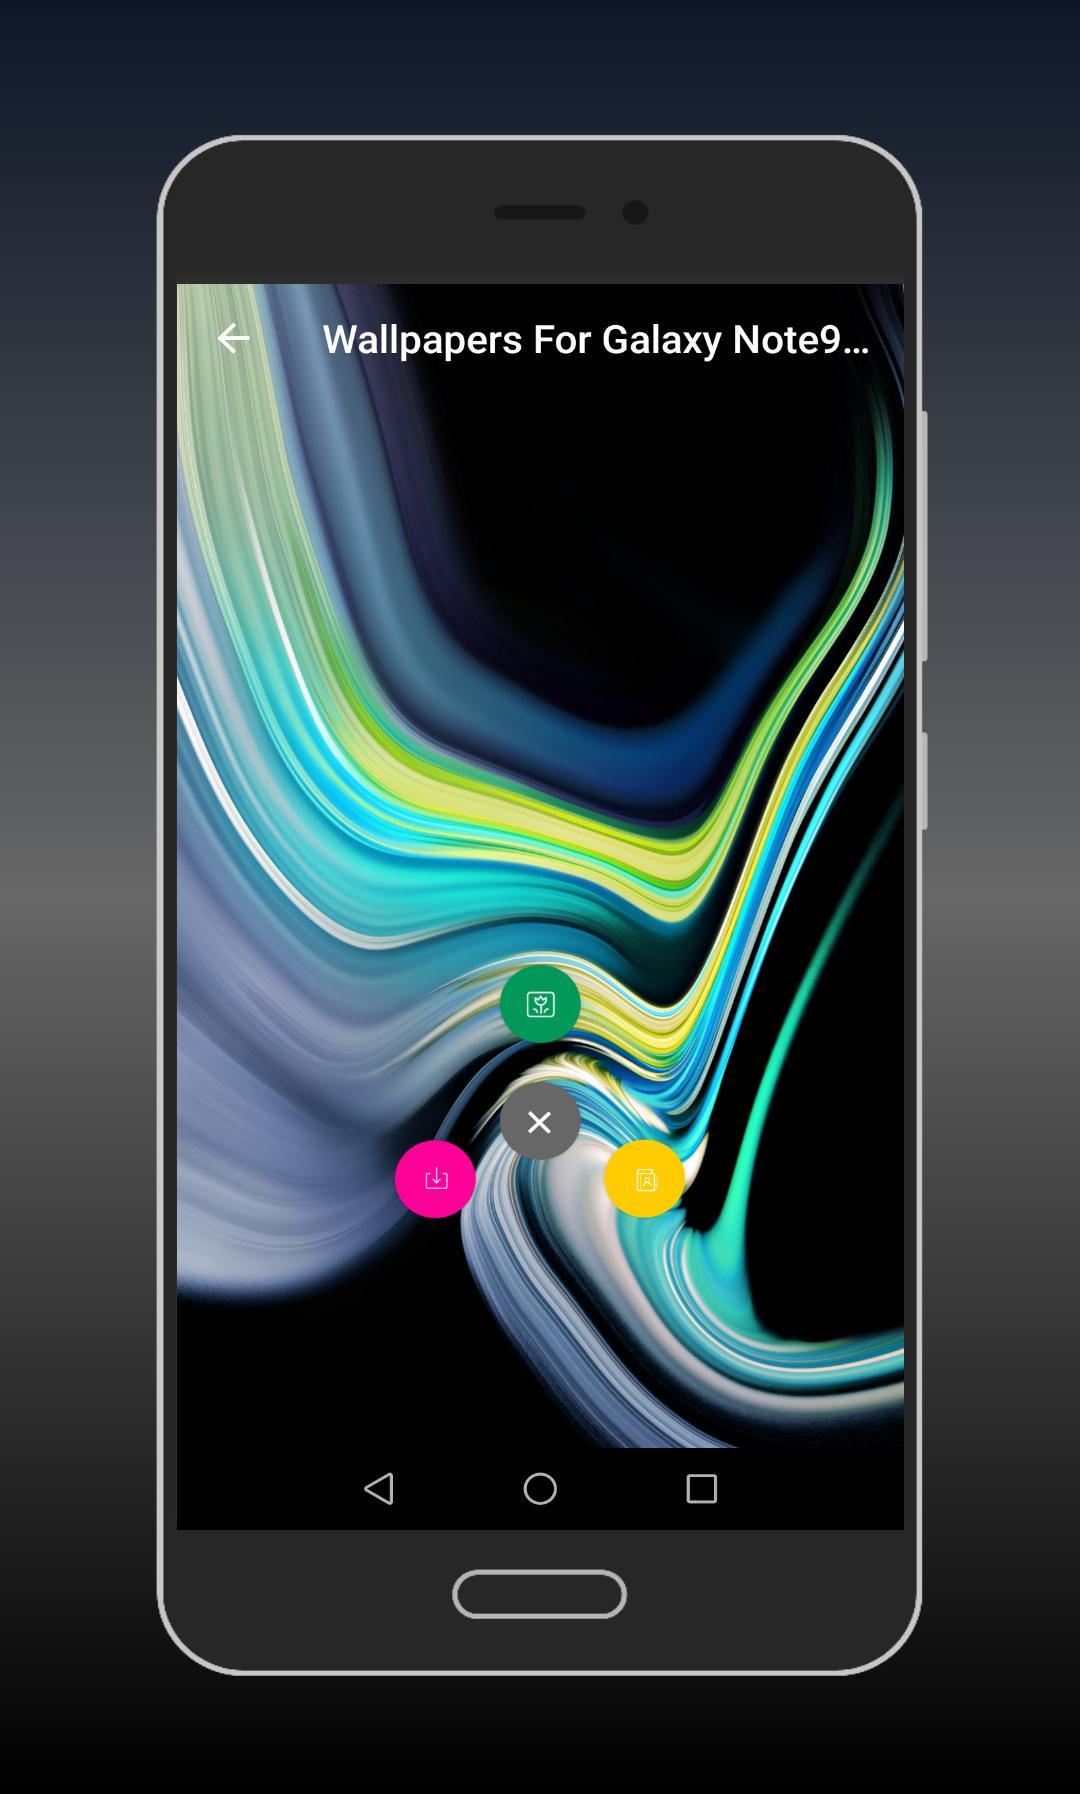 Android 用の ギャラクシーノート10の壁紙 Hdの背景 Apk をダウンロード